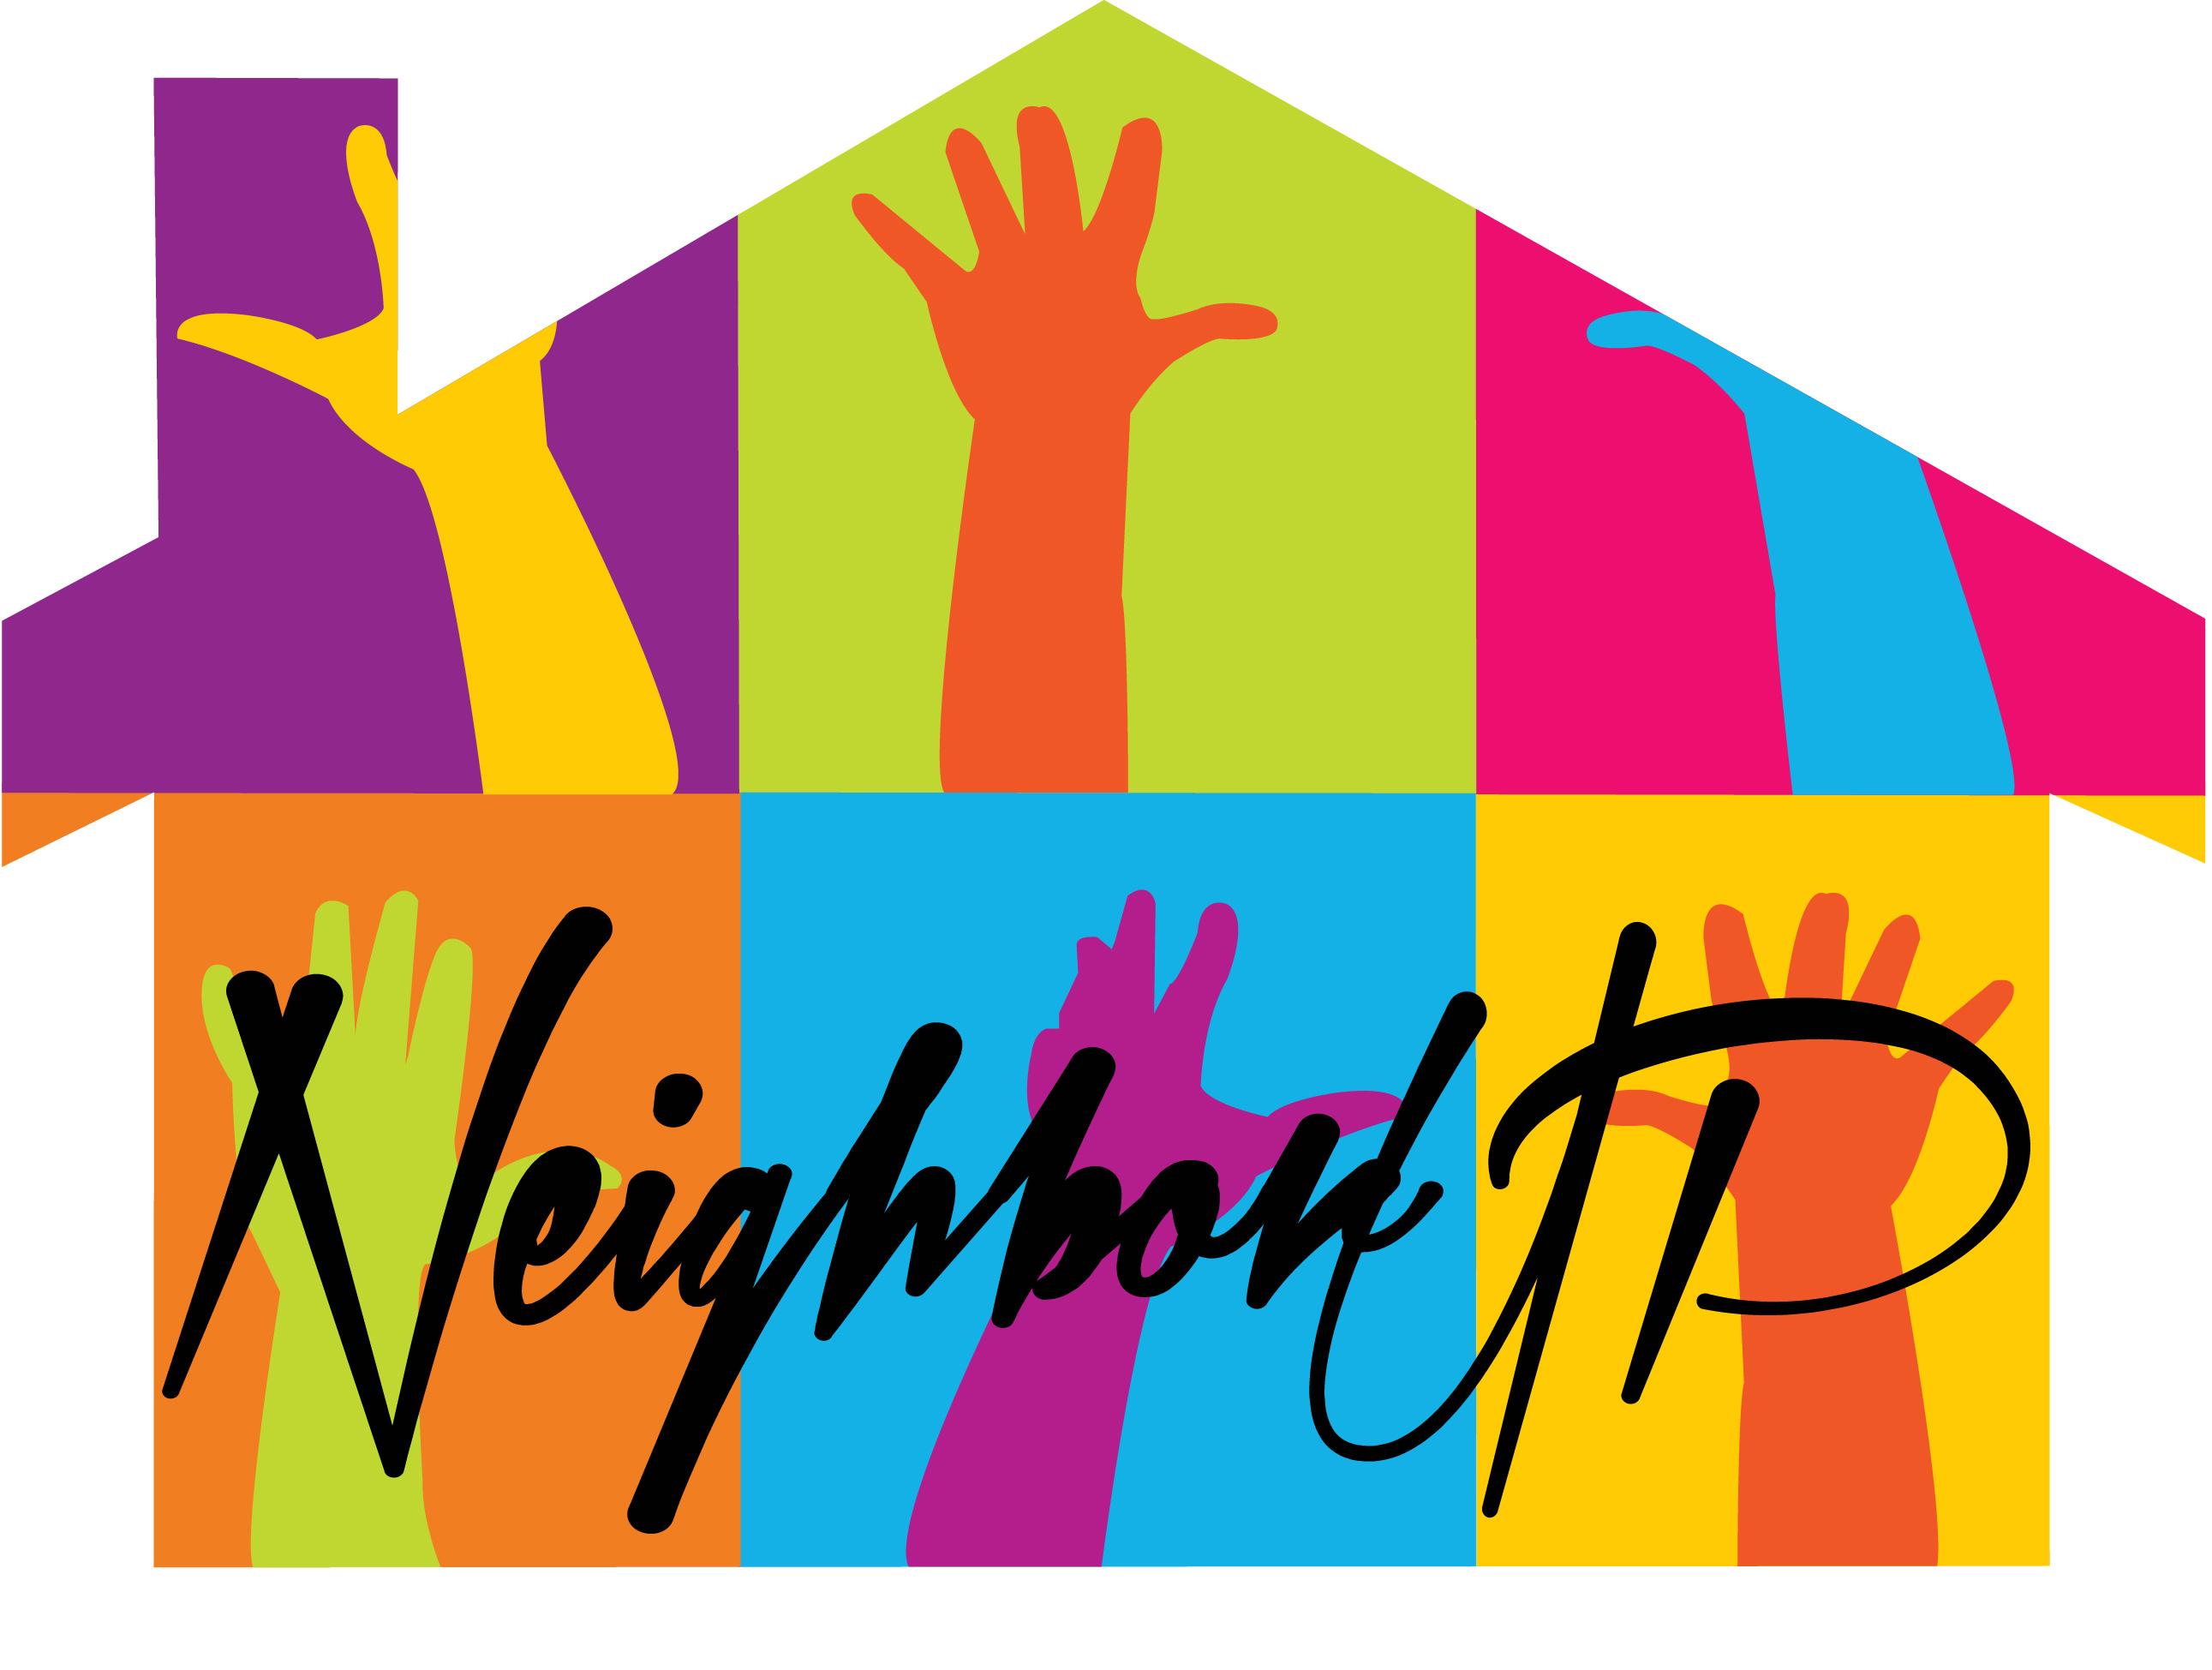 Neighborhood Connections logo